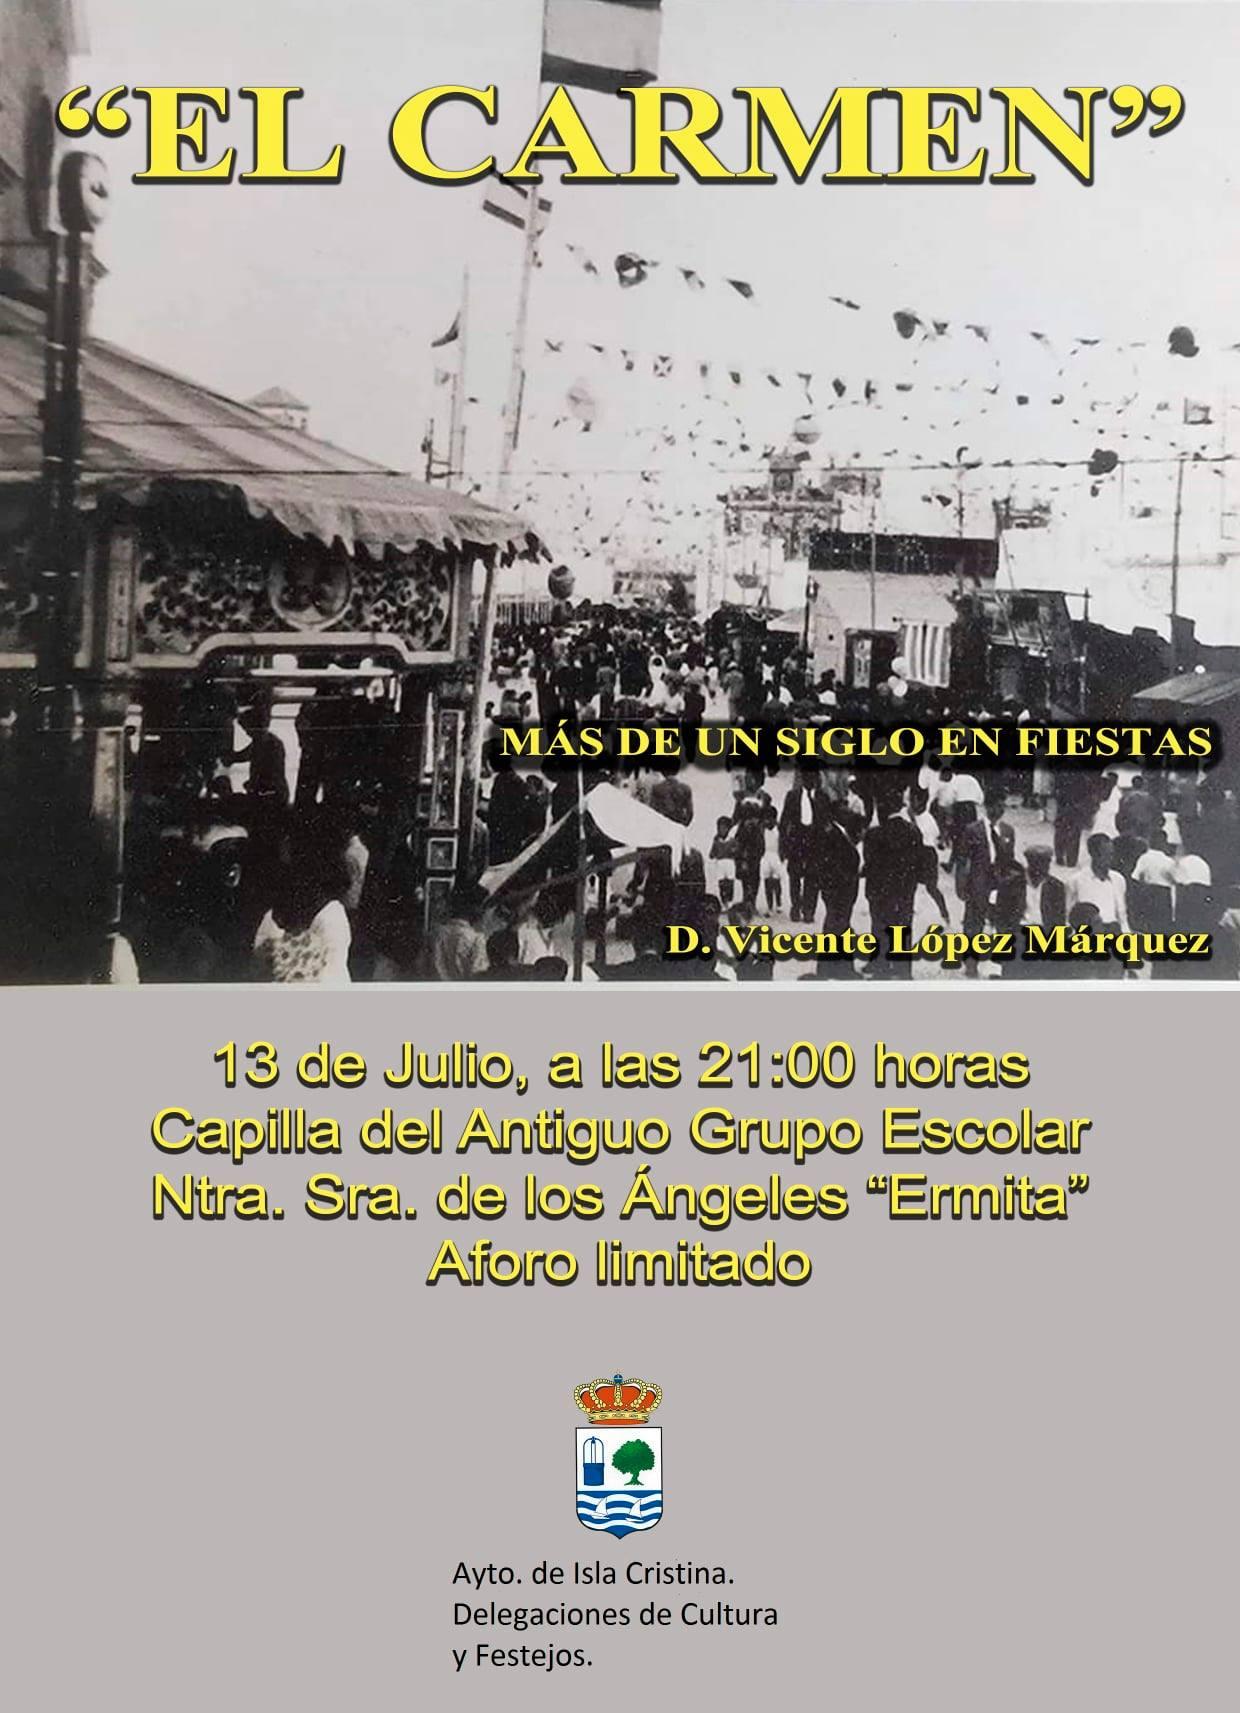 Inauguración de la Exposición 'El Carmen en Isla Cristina'